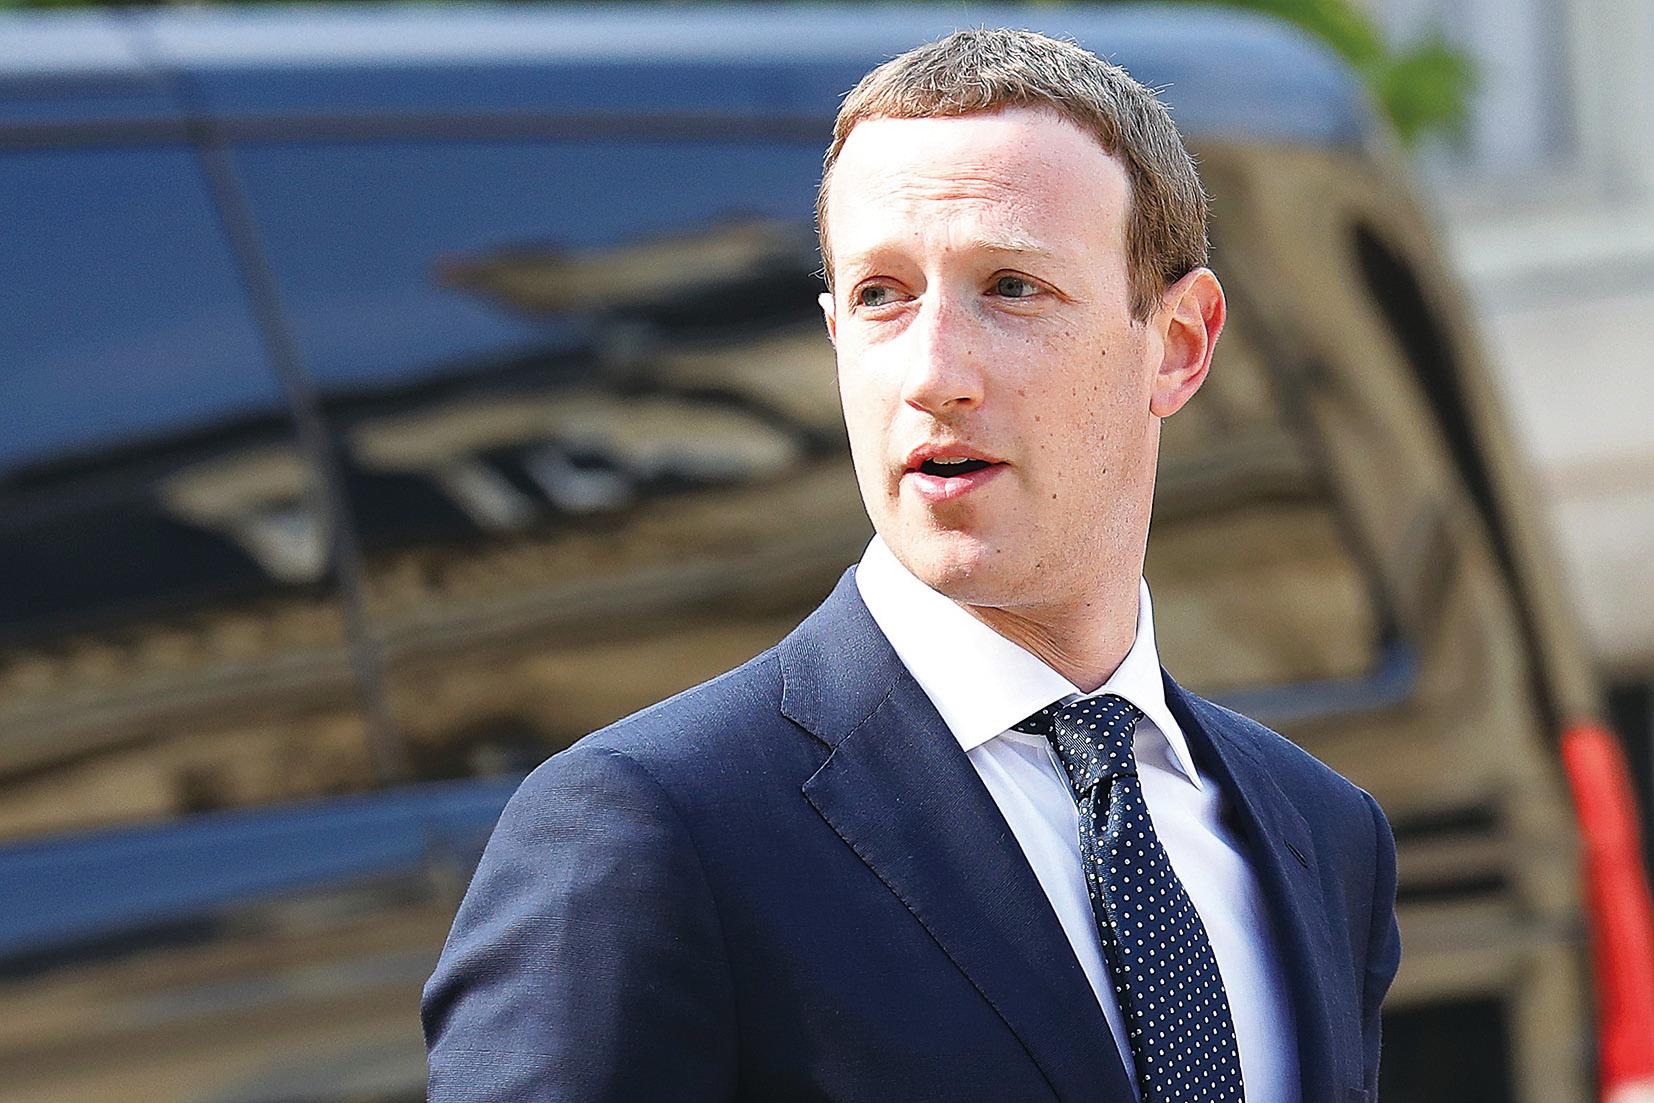 臉書CEO朱克伯格提議規範互聯網,美國學者愛潑斯坦則認為朱克伯格的4項提議都是為臉書利益服務,不能解決目前存在的威脅。圖為朱克伯格2018年在巴黎的照片。(Getty Images)